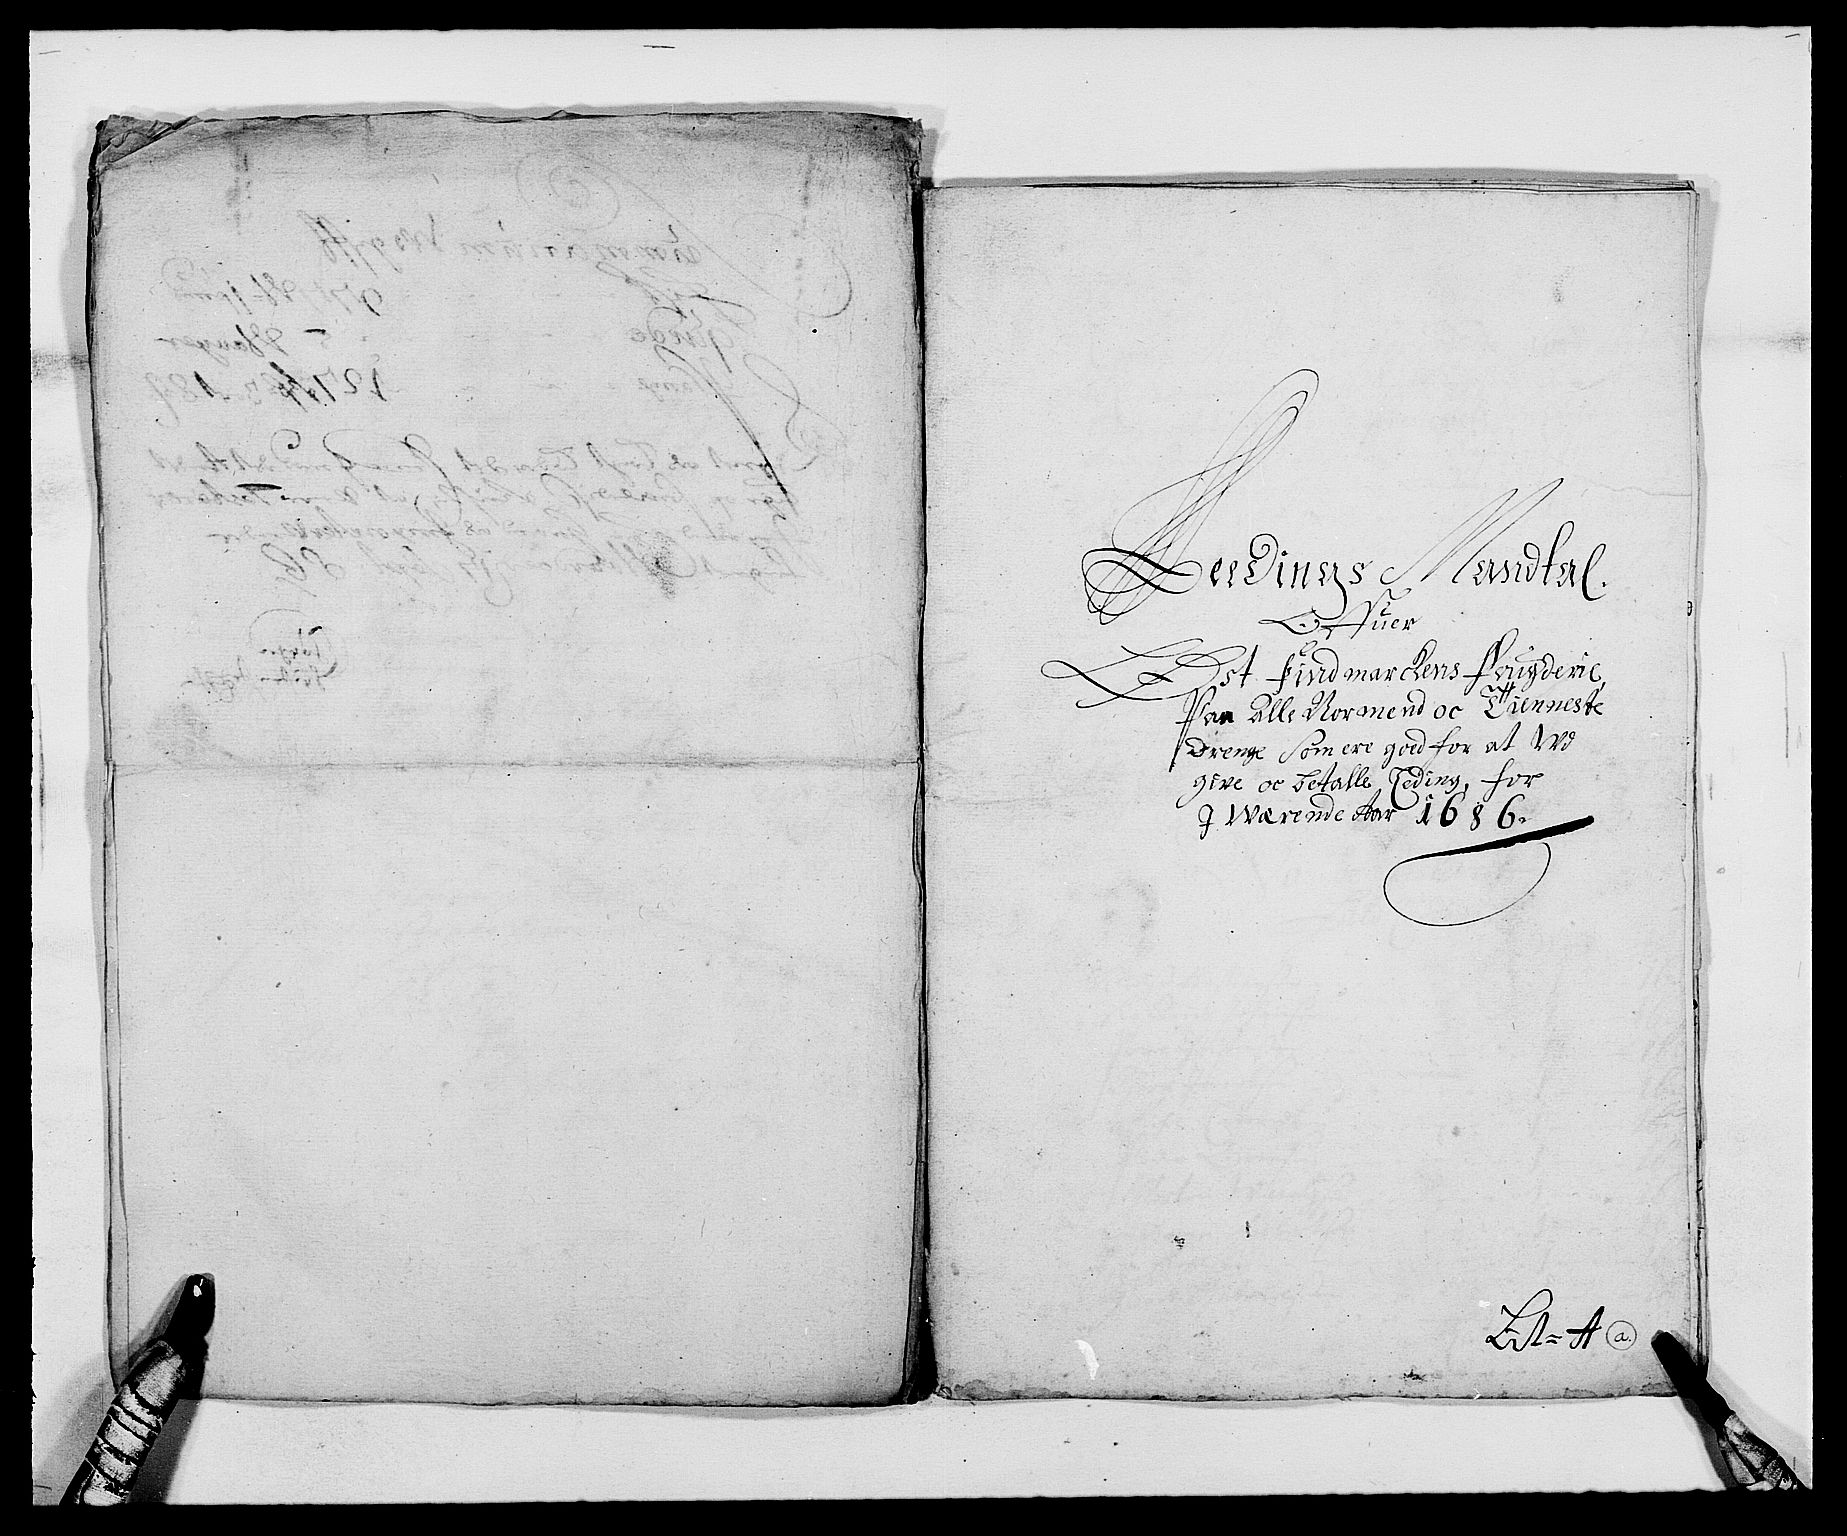 RA, Rentekammeret inntil 1814, Reviderte regnskaper, Fogderegnskap, R69/L4850: Fogderegnskap Finnmark/Vardøhus, 1680-1690, s. 31